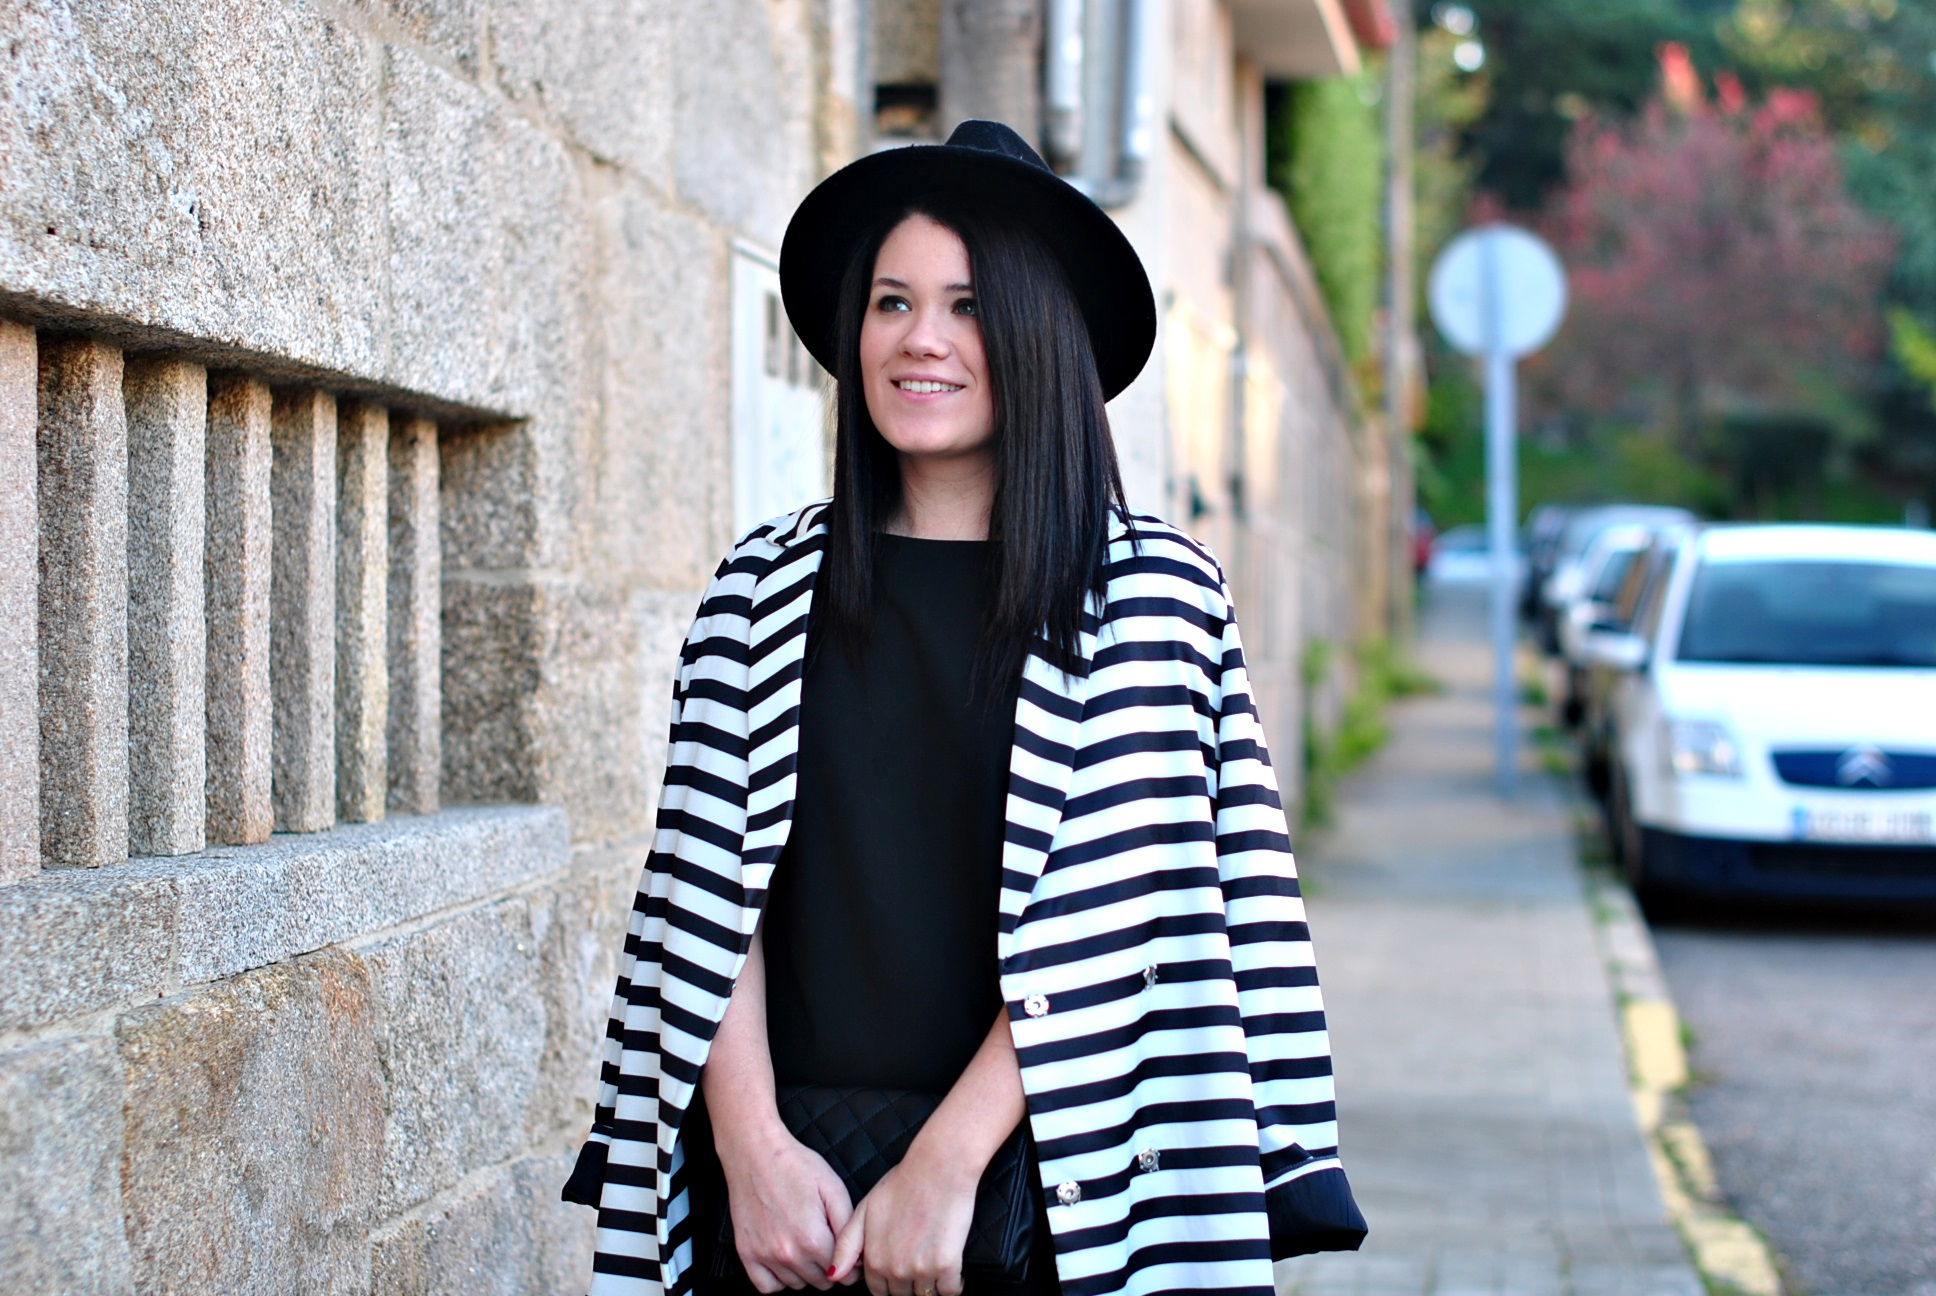 20151228-shein-black-white-coat-09